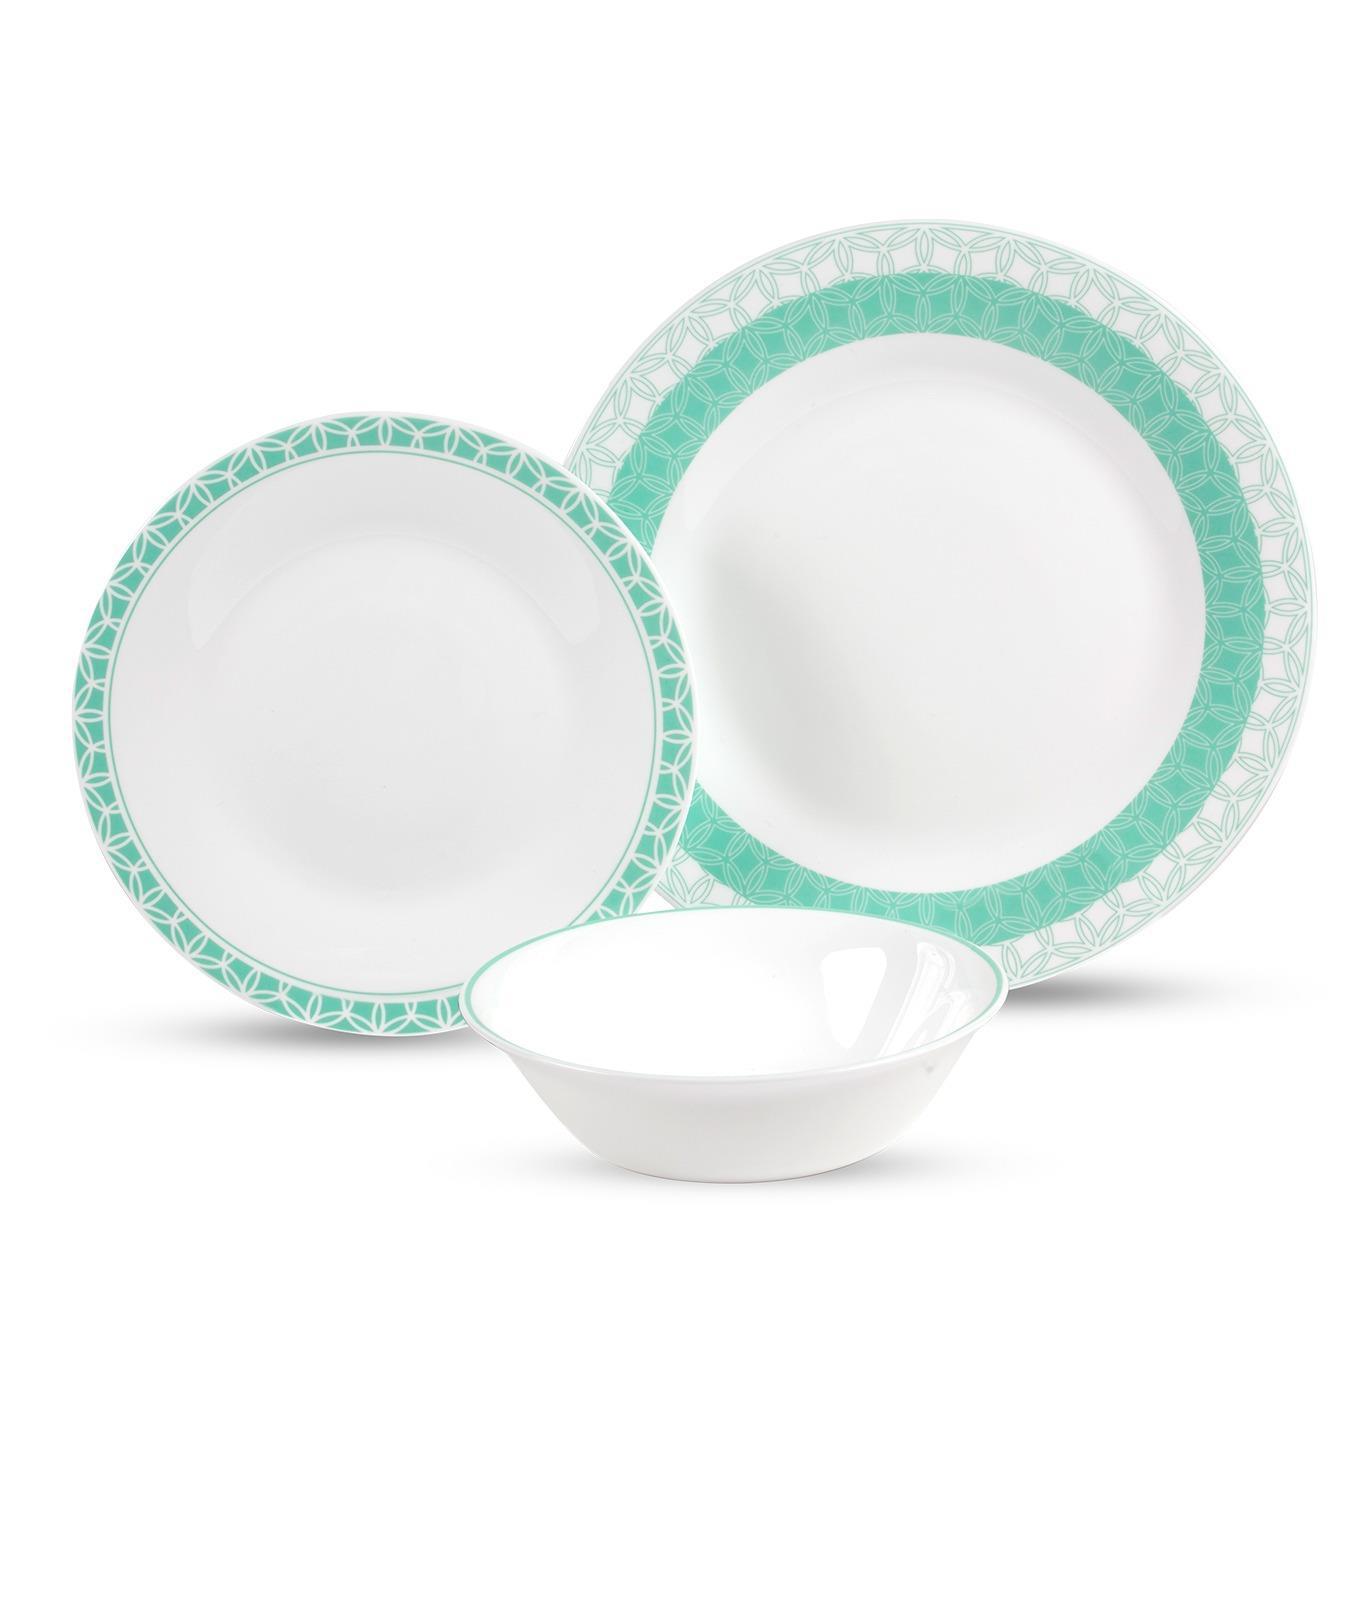 סט צלחות מעוטר מזכוכית אנטי צ'יפ 18 חלקים TWISTED GEOMETRY מבית פוד אפיל (Food Appeal), 18 חלקים